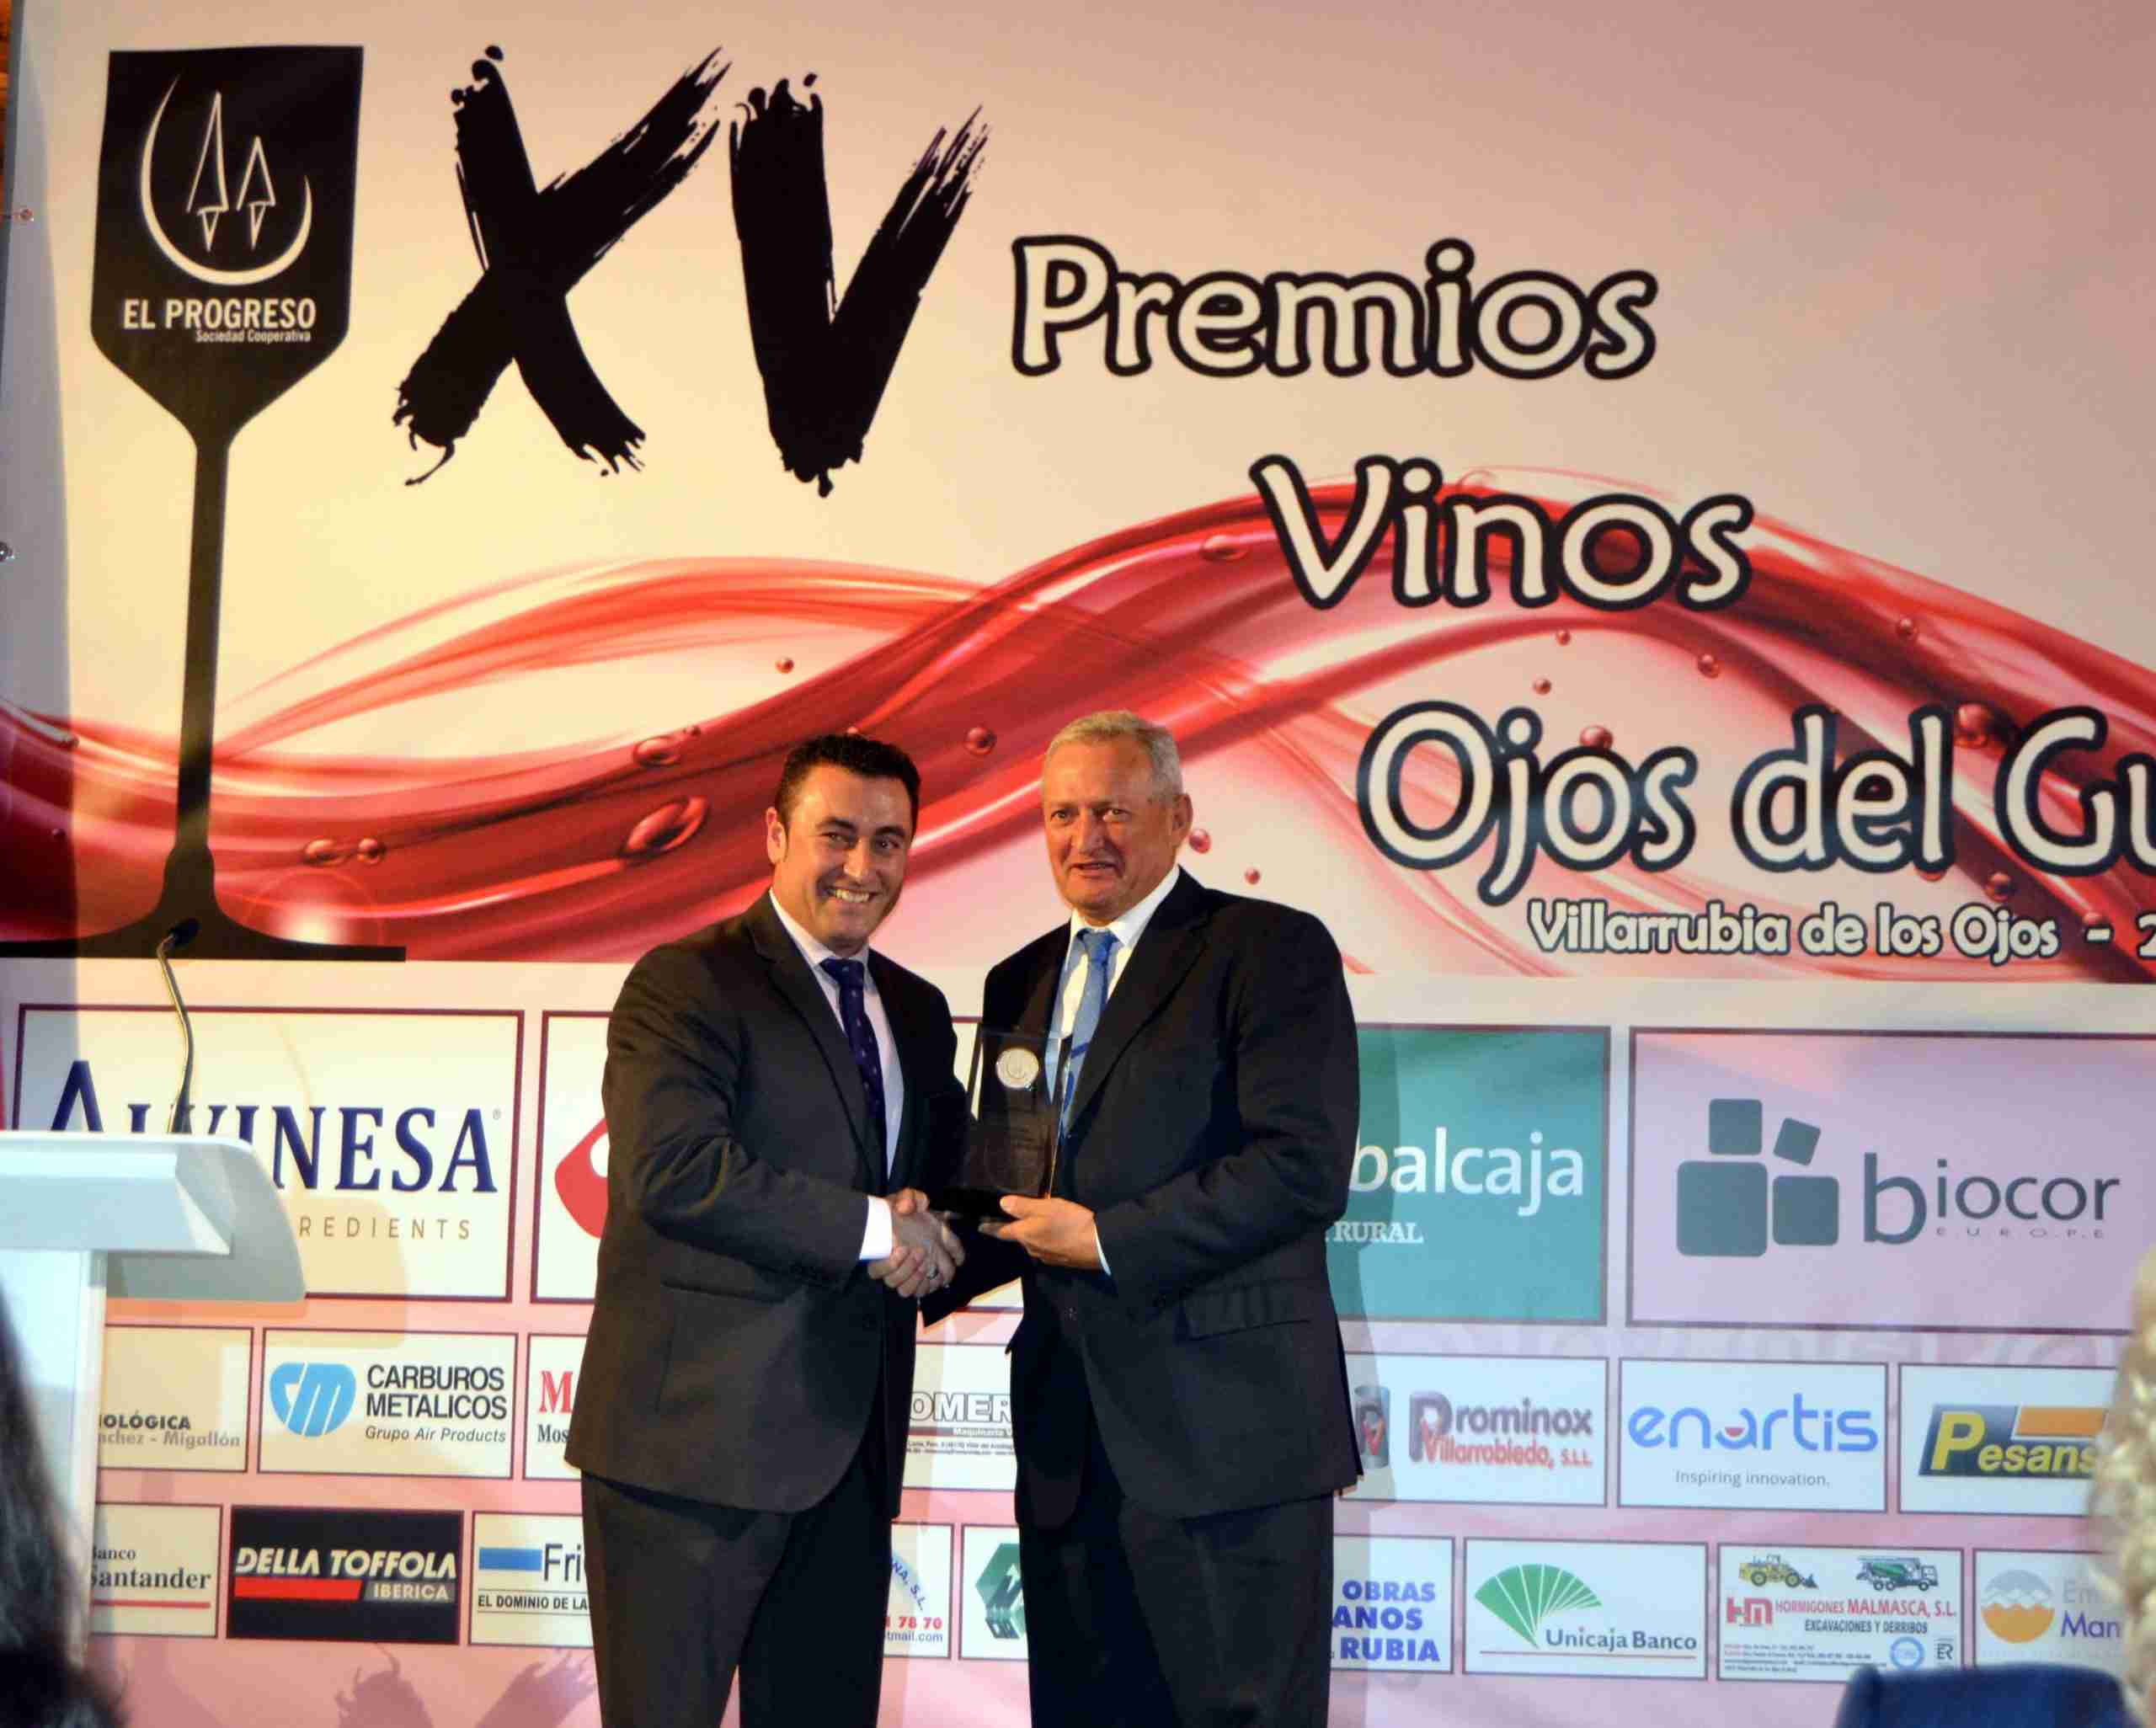 """Éxito de los 15 Premios """"Vinos Ojos del Guadiana"""" de El Progreso con la solidaridad, la cultura y el cooperativismo como protagonistas 22"""